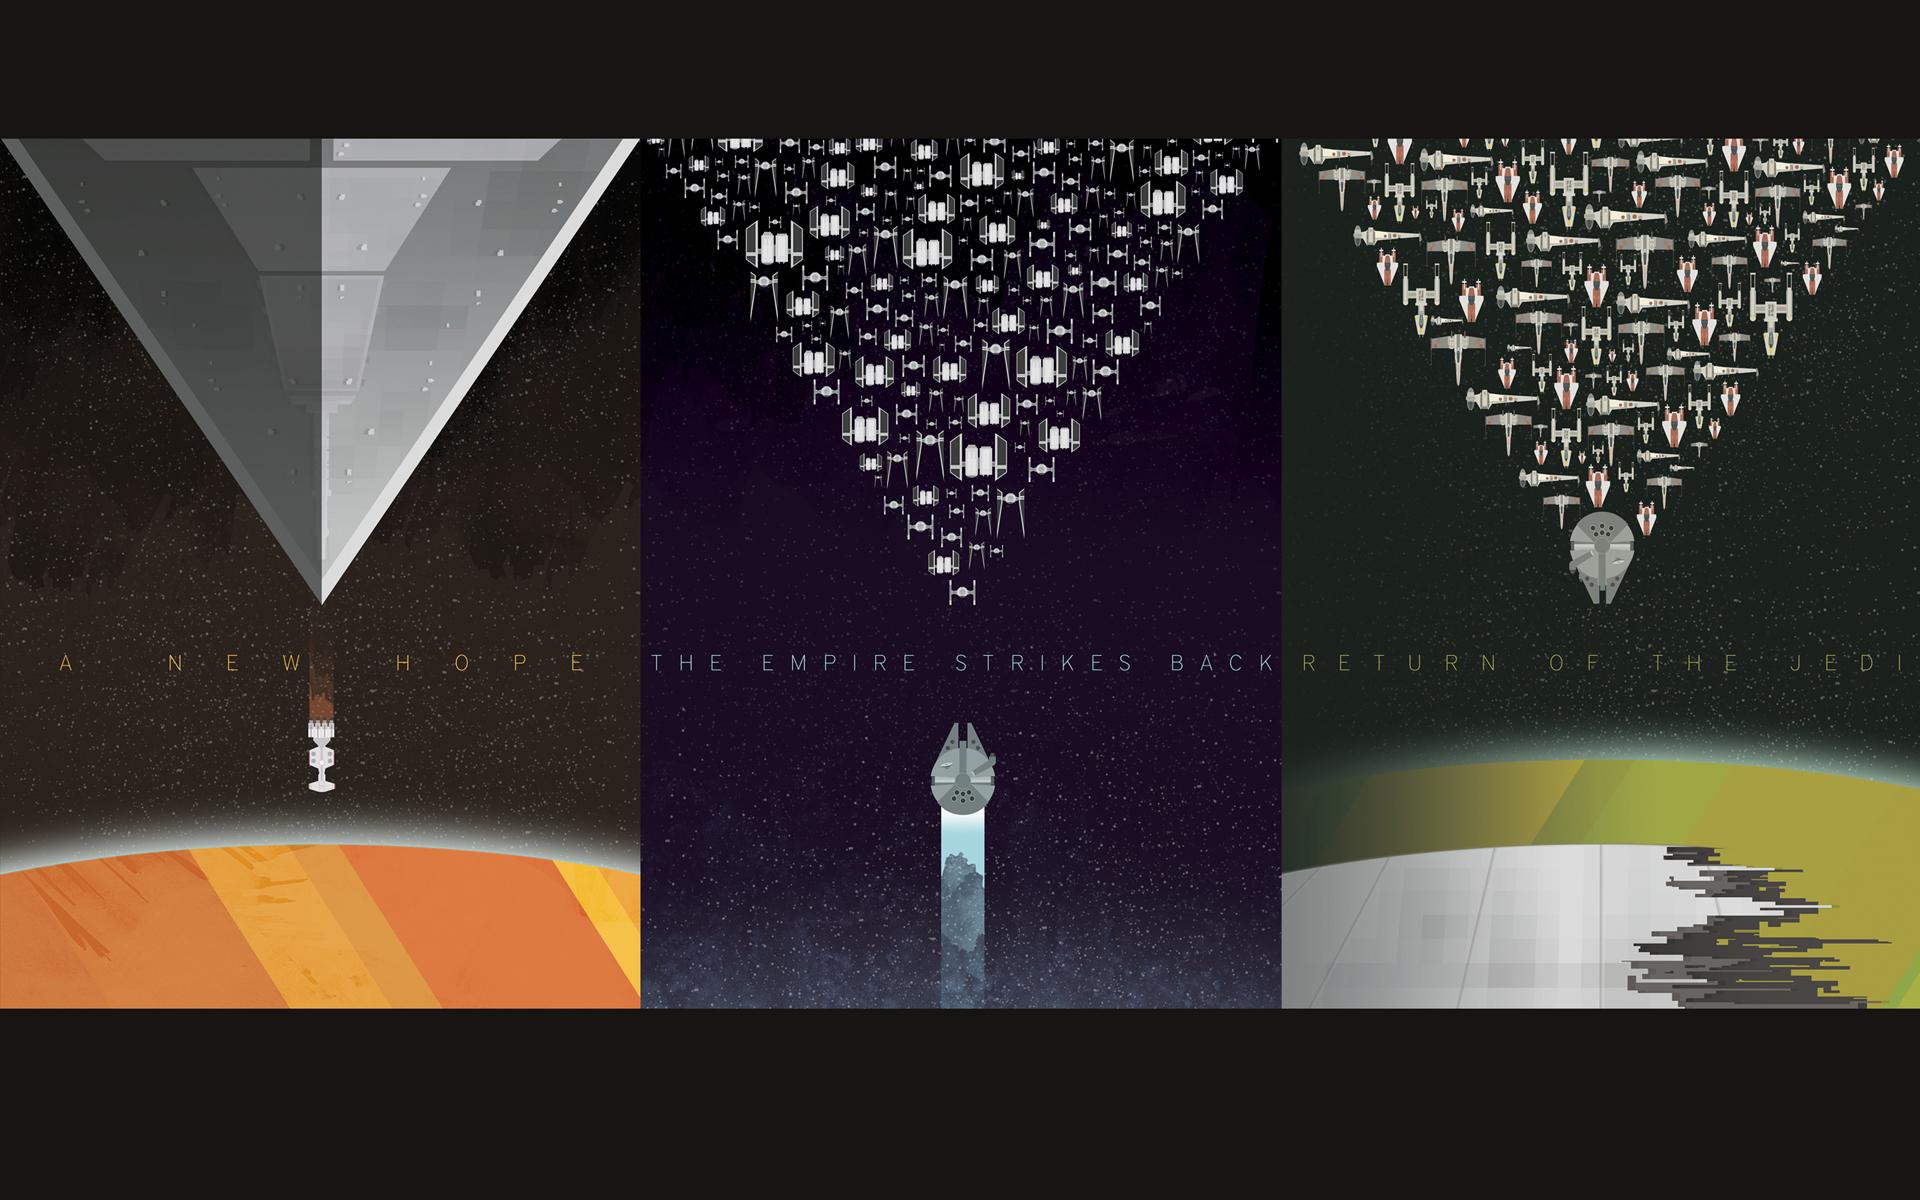 Star Wars Minimalist Space Posters 1920x1200